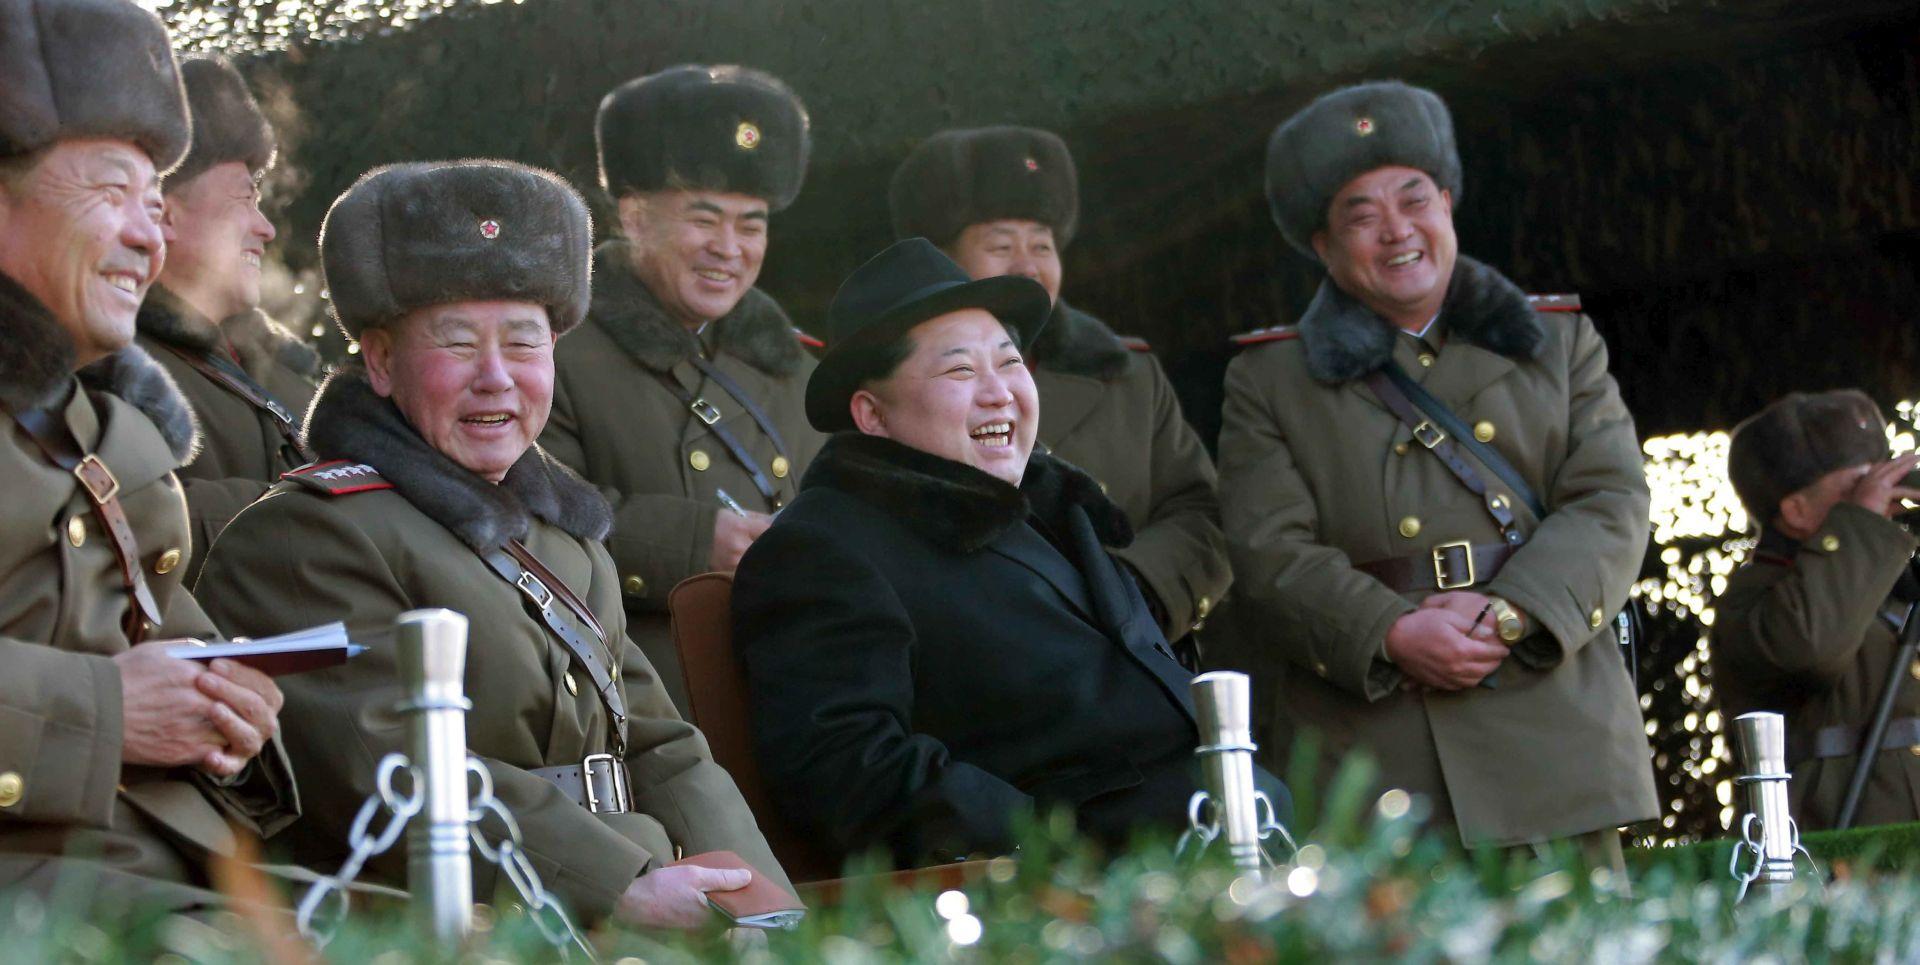 Sjeverna Koreja ponovno emitira kodirane radijske poruke